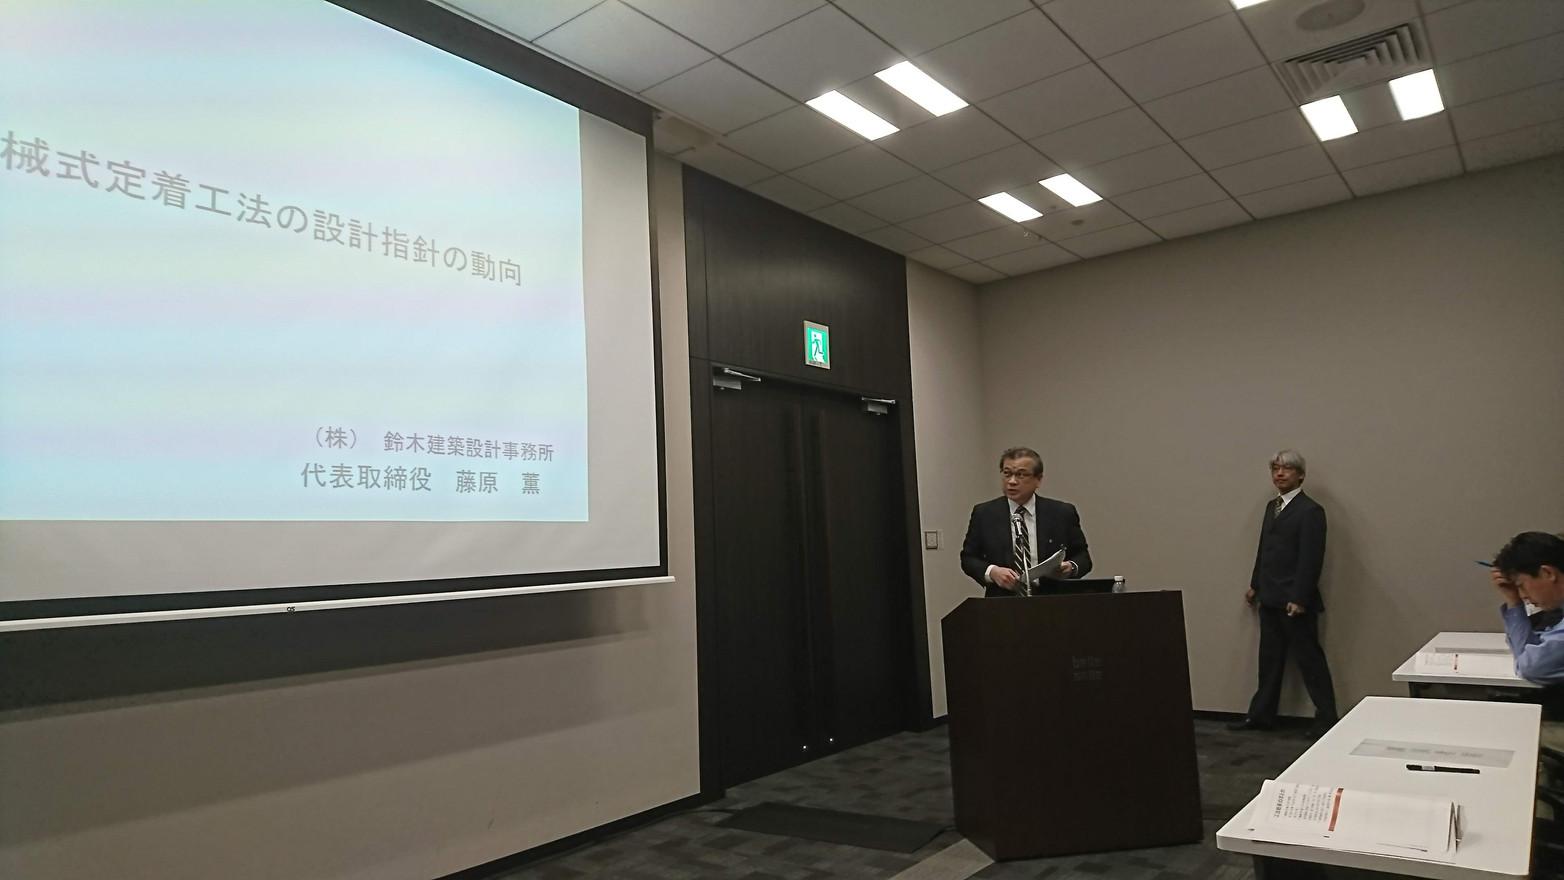 機械式定着報告会2018@東京 (28).jpg